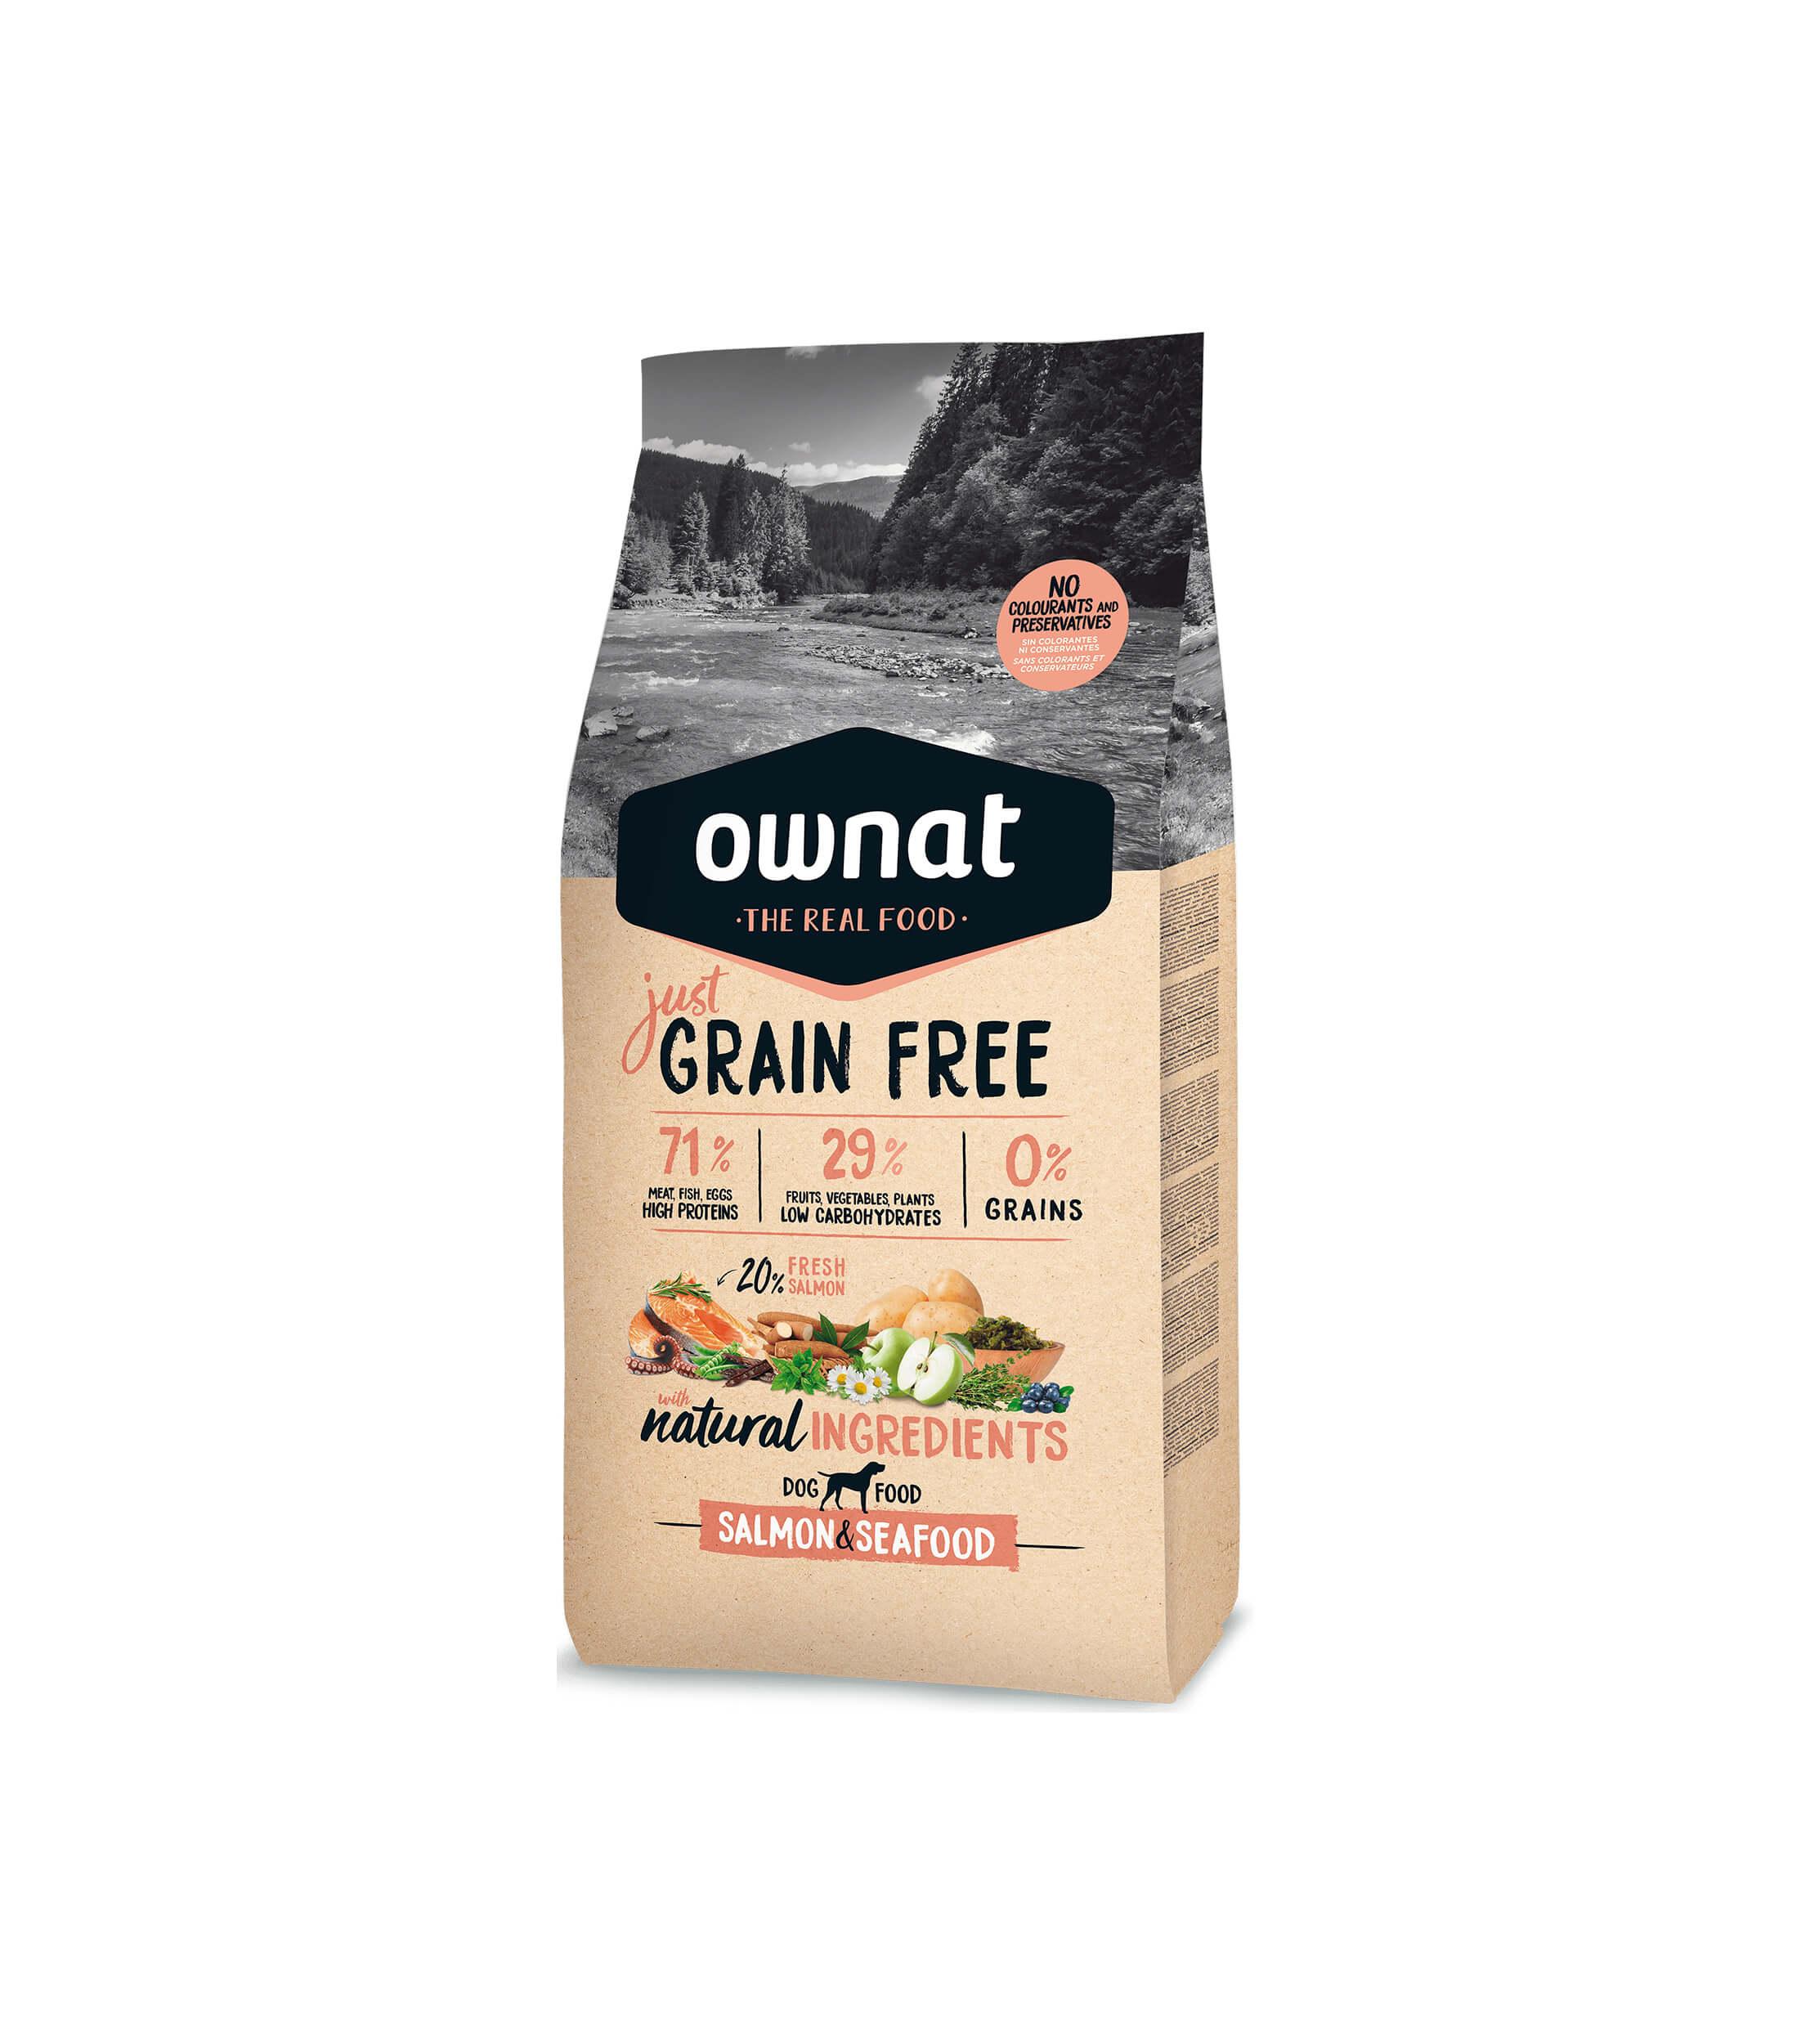 Ownat Grain Free Salmón Y Mariscos